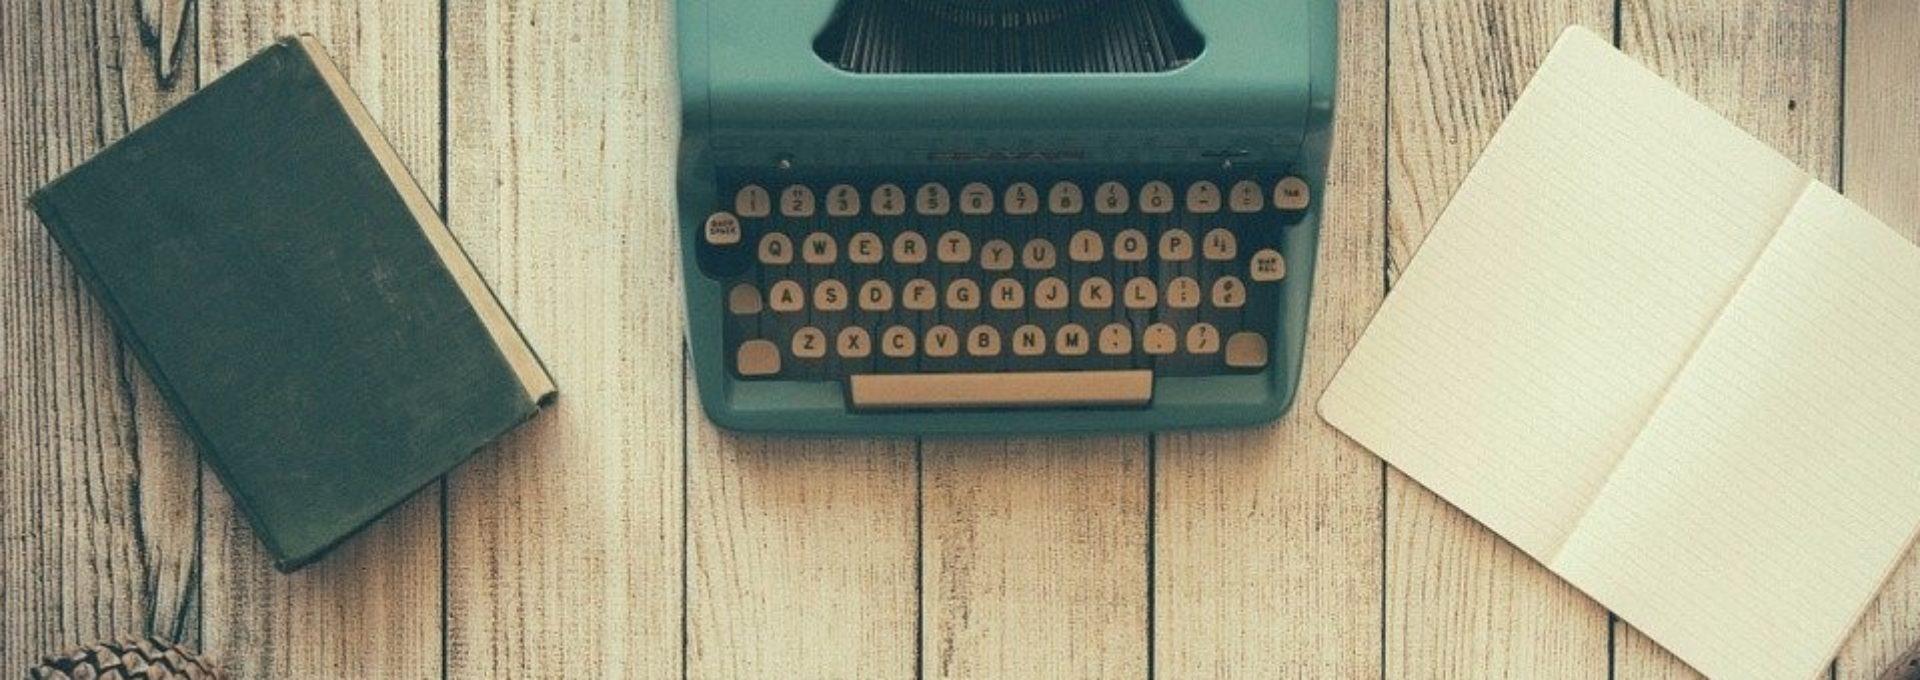 Photo: bureau sur lequel sont disposés une machine à écrire mécanique, une feuille de papier, des lunettes et un calepin.